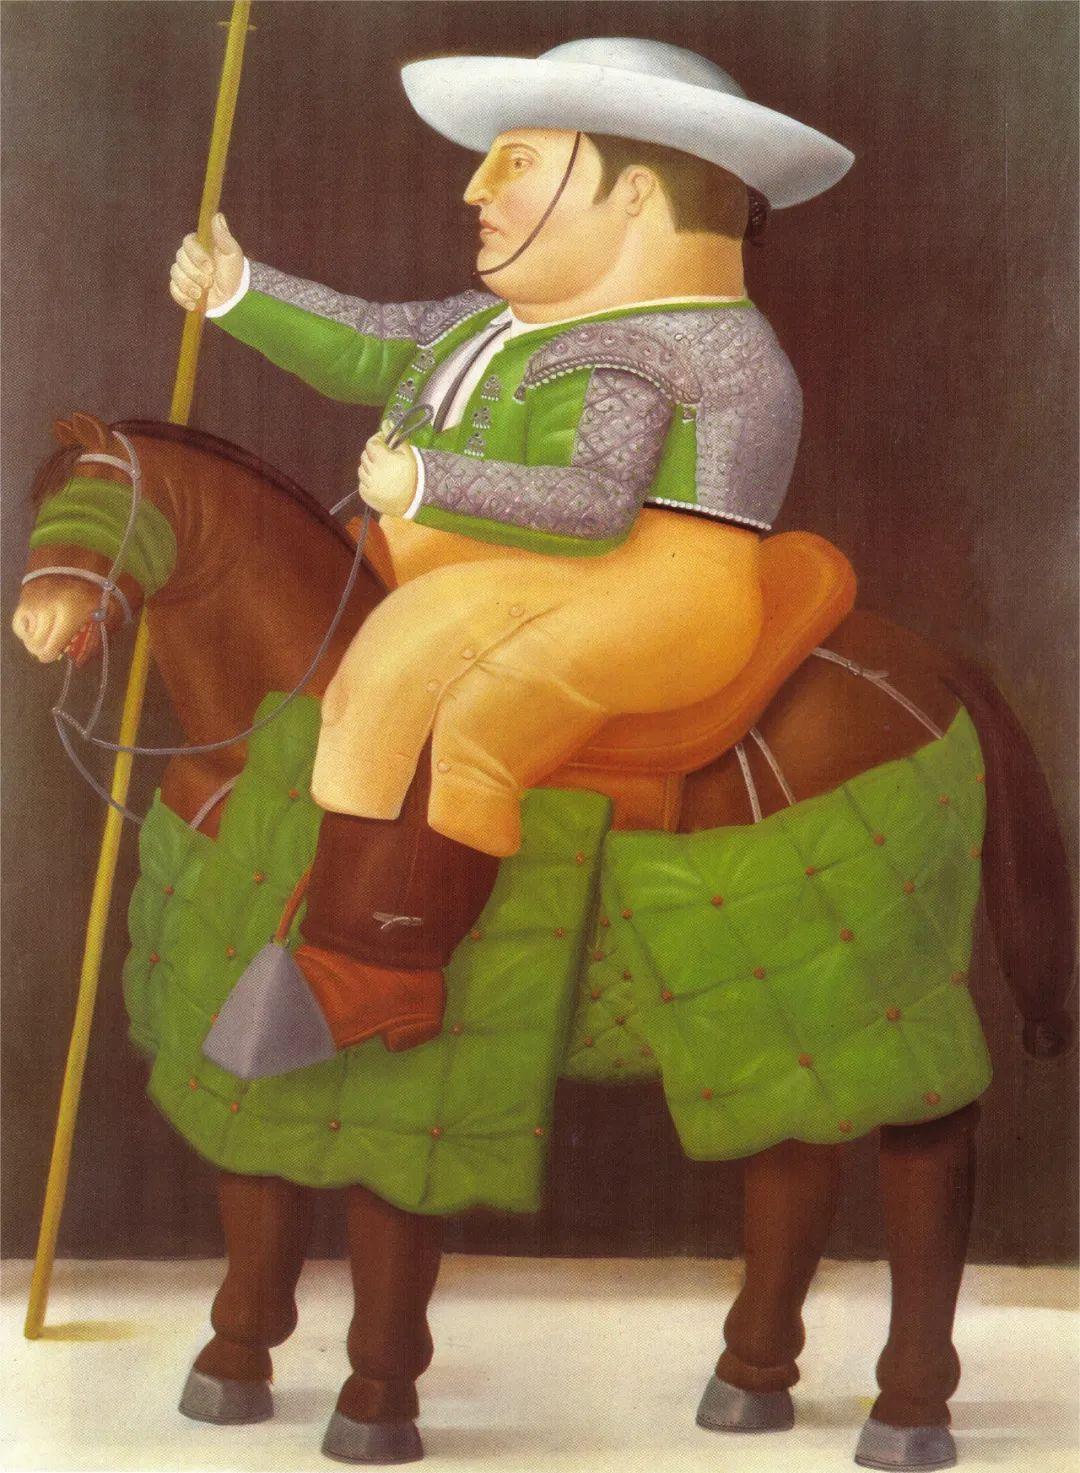 诙谐幽默的圆润形态 | 费尔南多·波特罗插图58